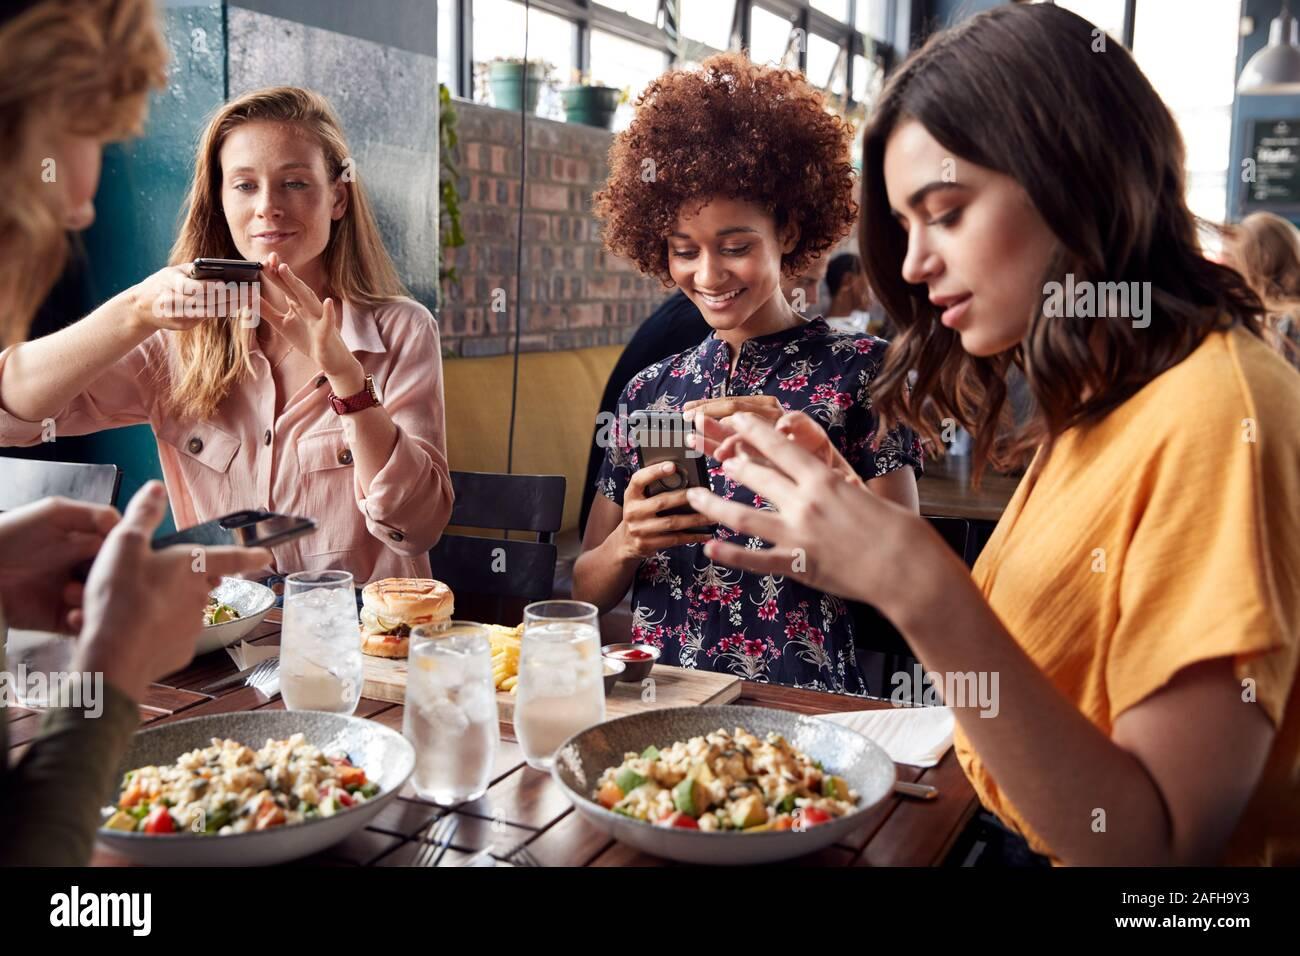 Amigas en el restaurante tomar la foto de la comida en el restaurante para publicar en los Medios de Comunicación Social Foto de stock